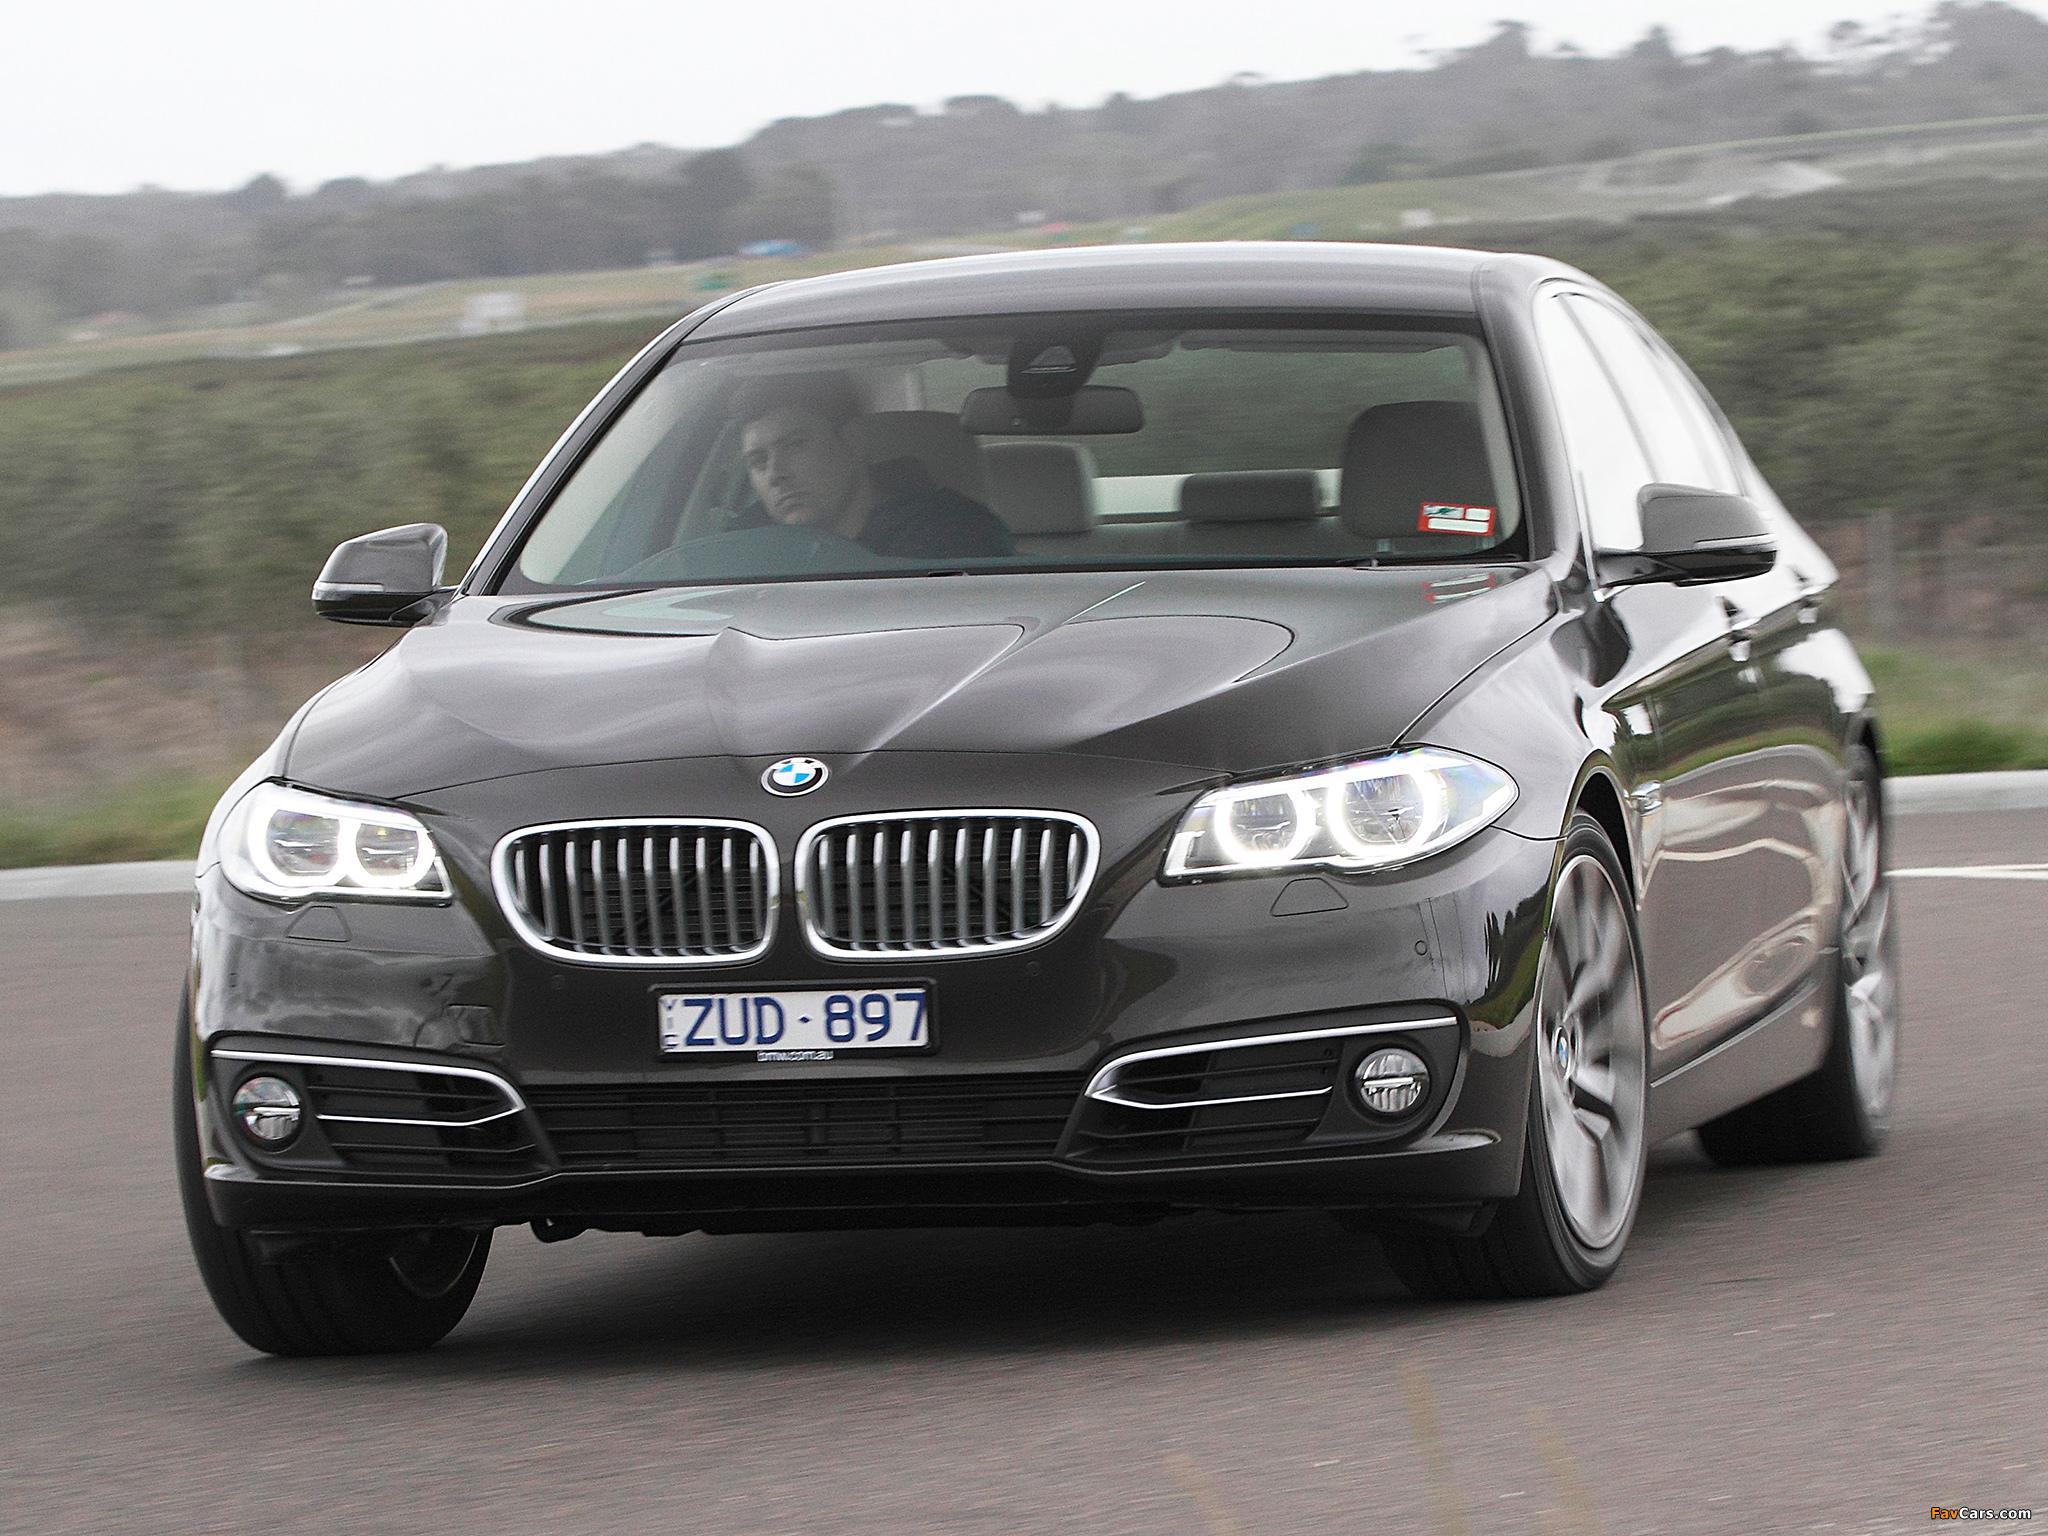 BMW D Sedan AUspec F Pictures X - 2013 bmw 535d